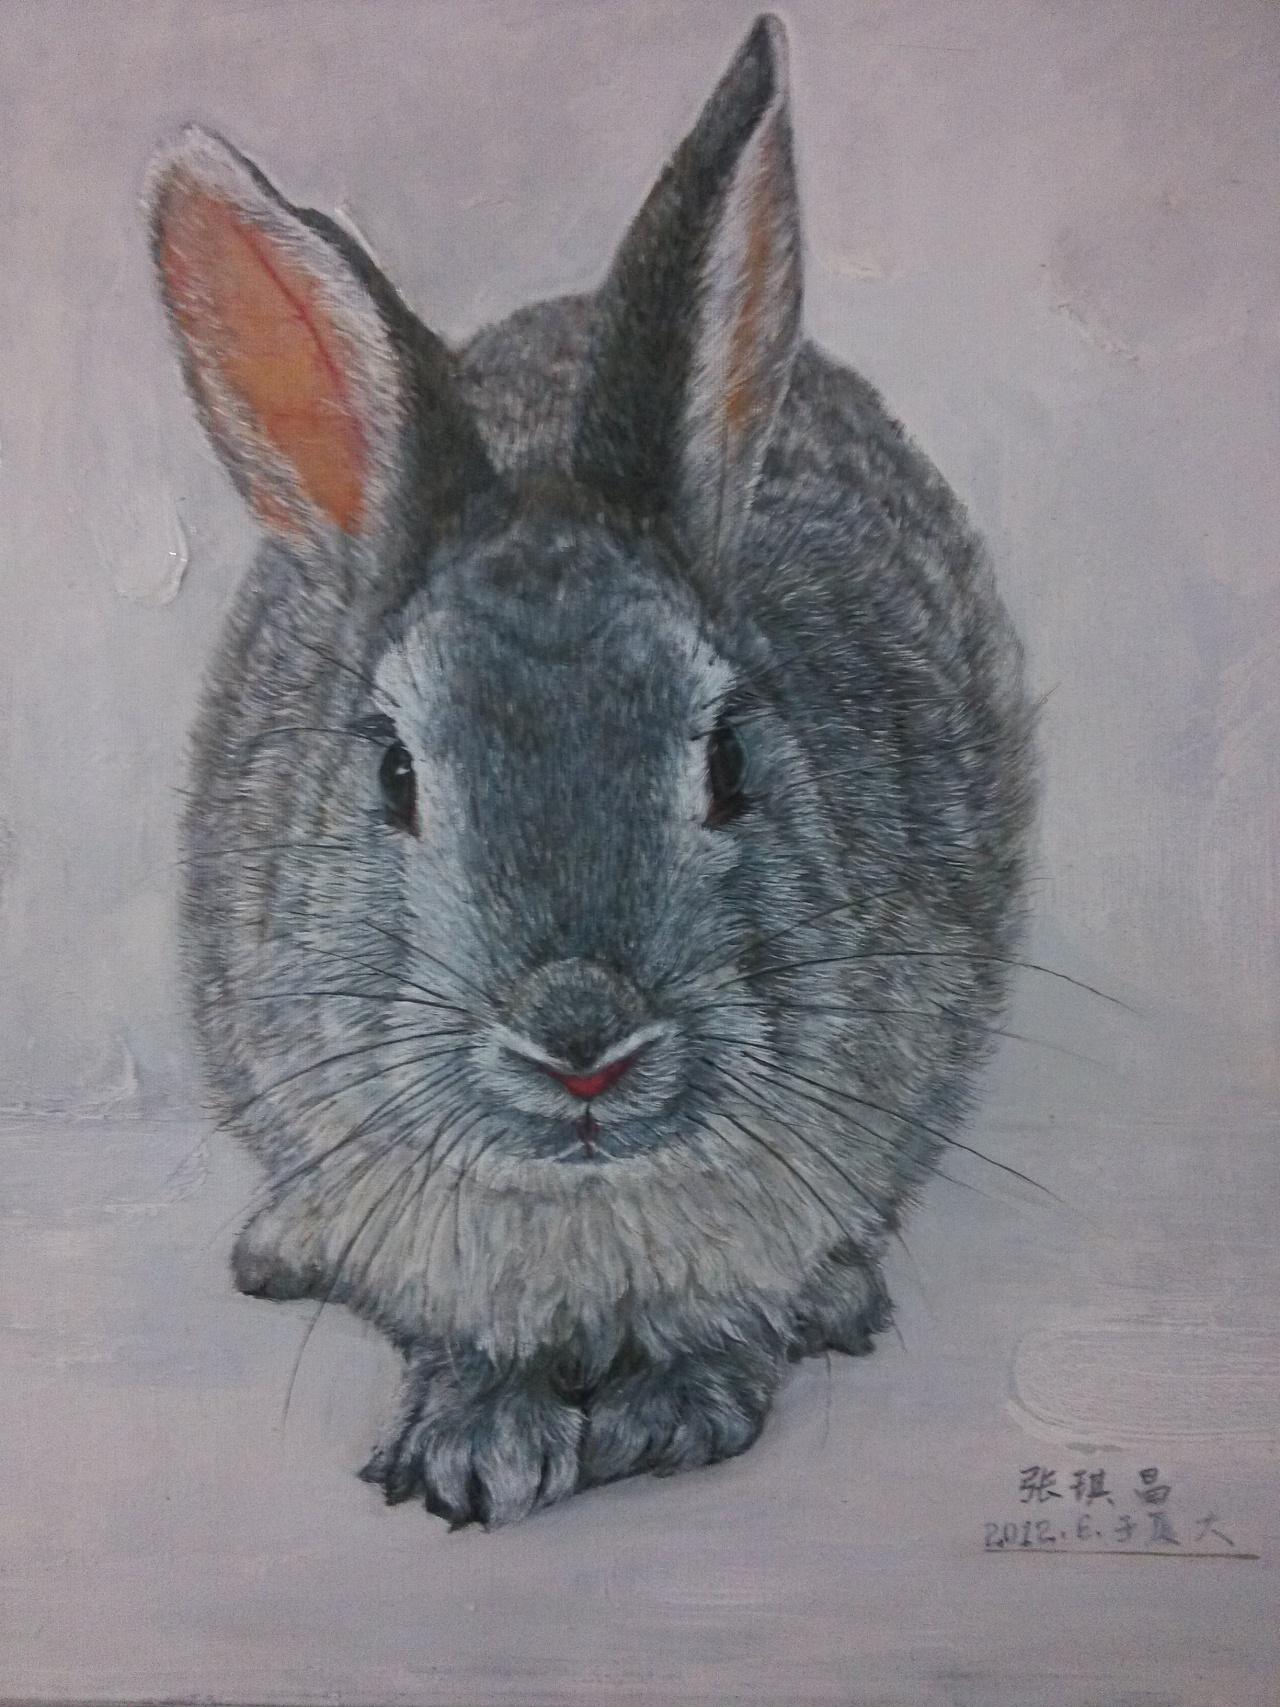 梦见一只灰兔子在奔跑? 梦见一只灰色的兔子